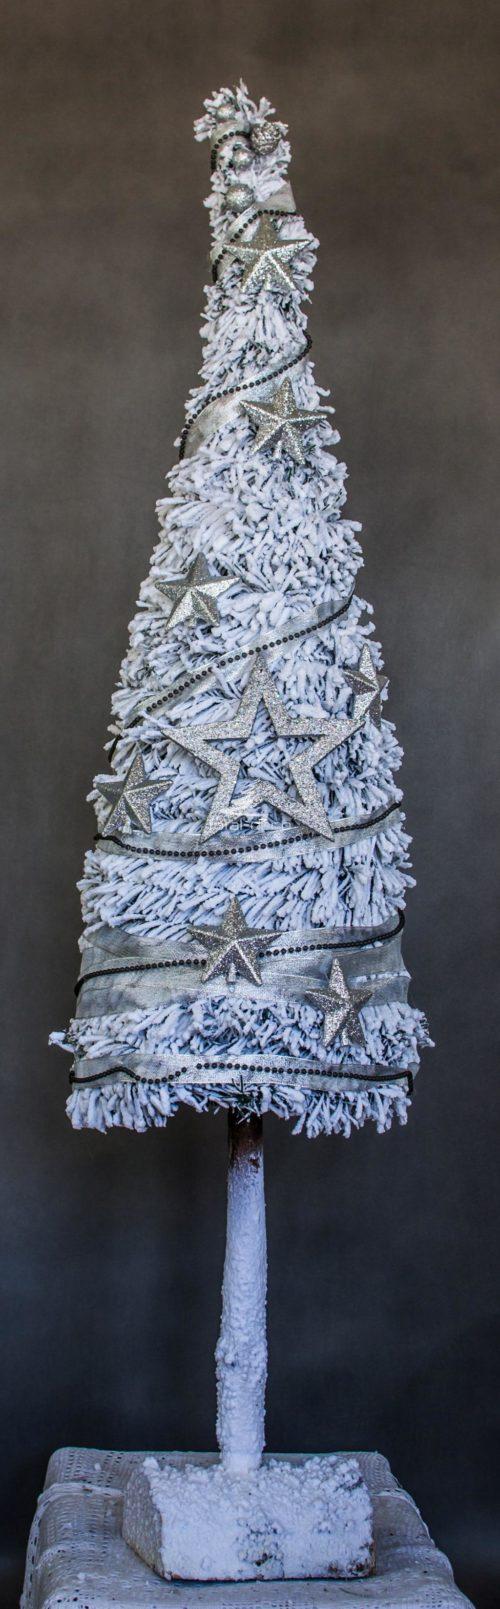 choinka udekorowana na pniu choinka ubrana gęsta biała ośnieżona choinka wysoka na pniu biała ubrana gwiazdy srebro